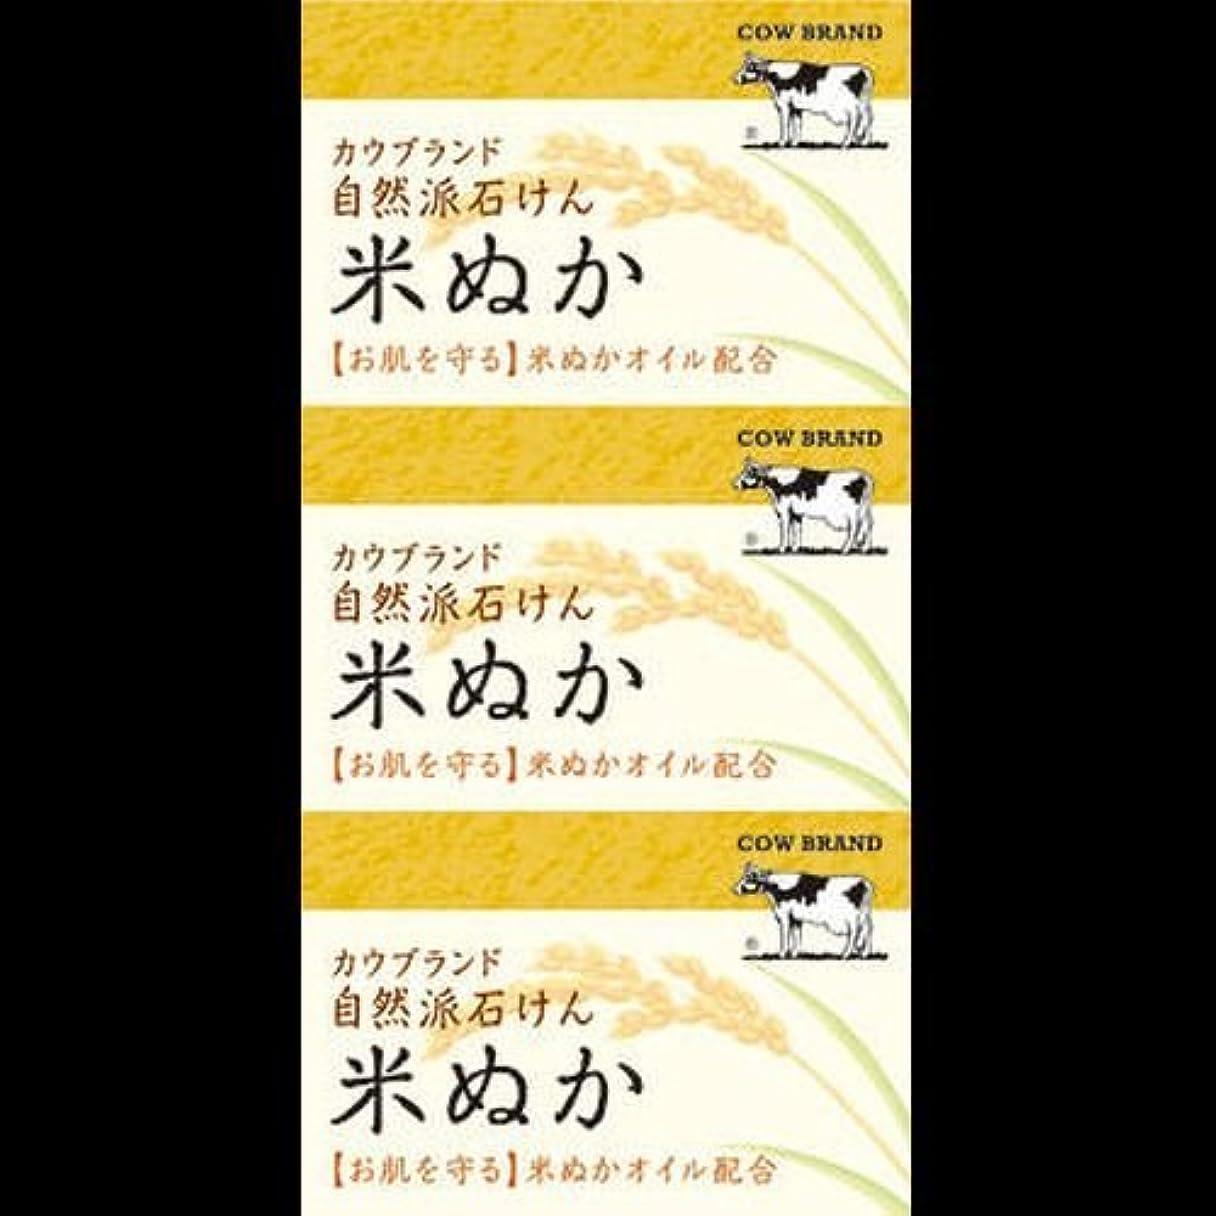 インサート免疫バンド【まとめ買い】カウブランド 自然派石けん 米ぬか 100g*3個 ×2セット